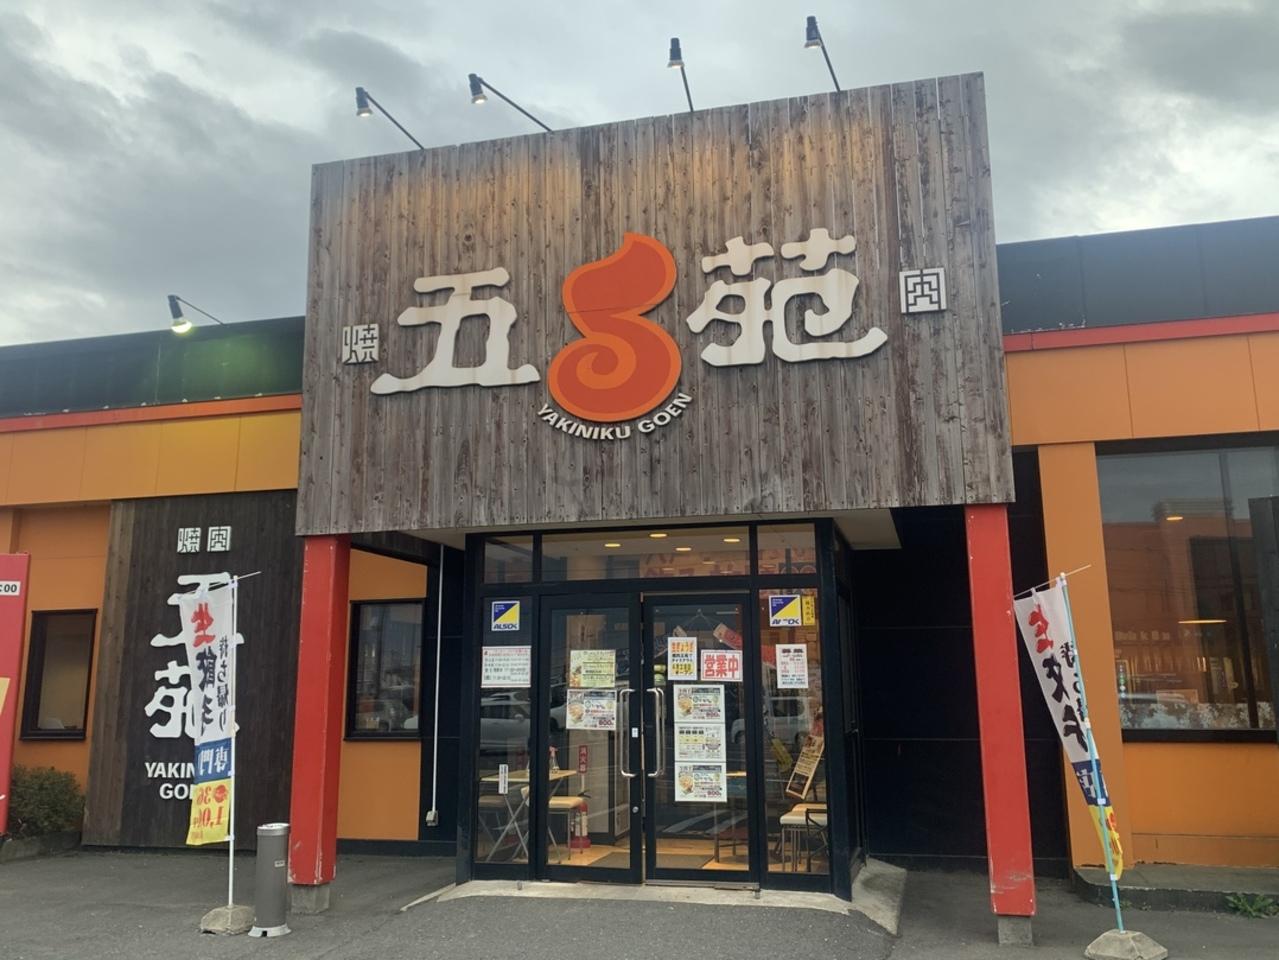 【八戸市石堂】「ぎょうざのいちばん 八戸店」21.4.28 焼肉五苑内にオープンしました!